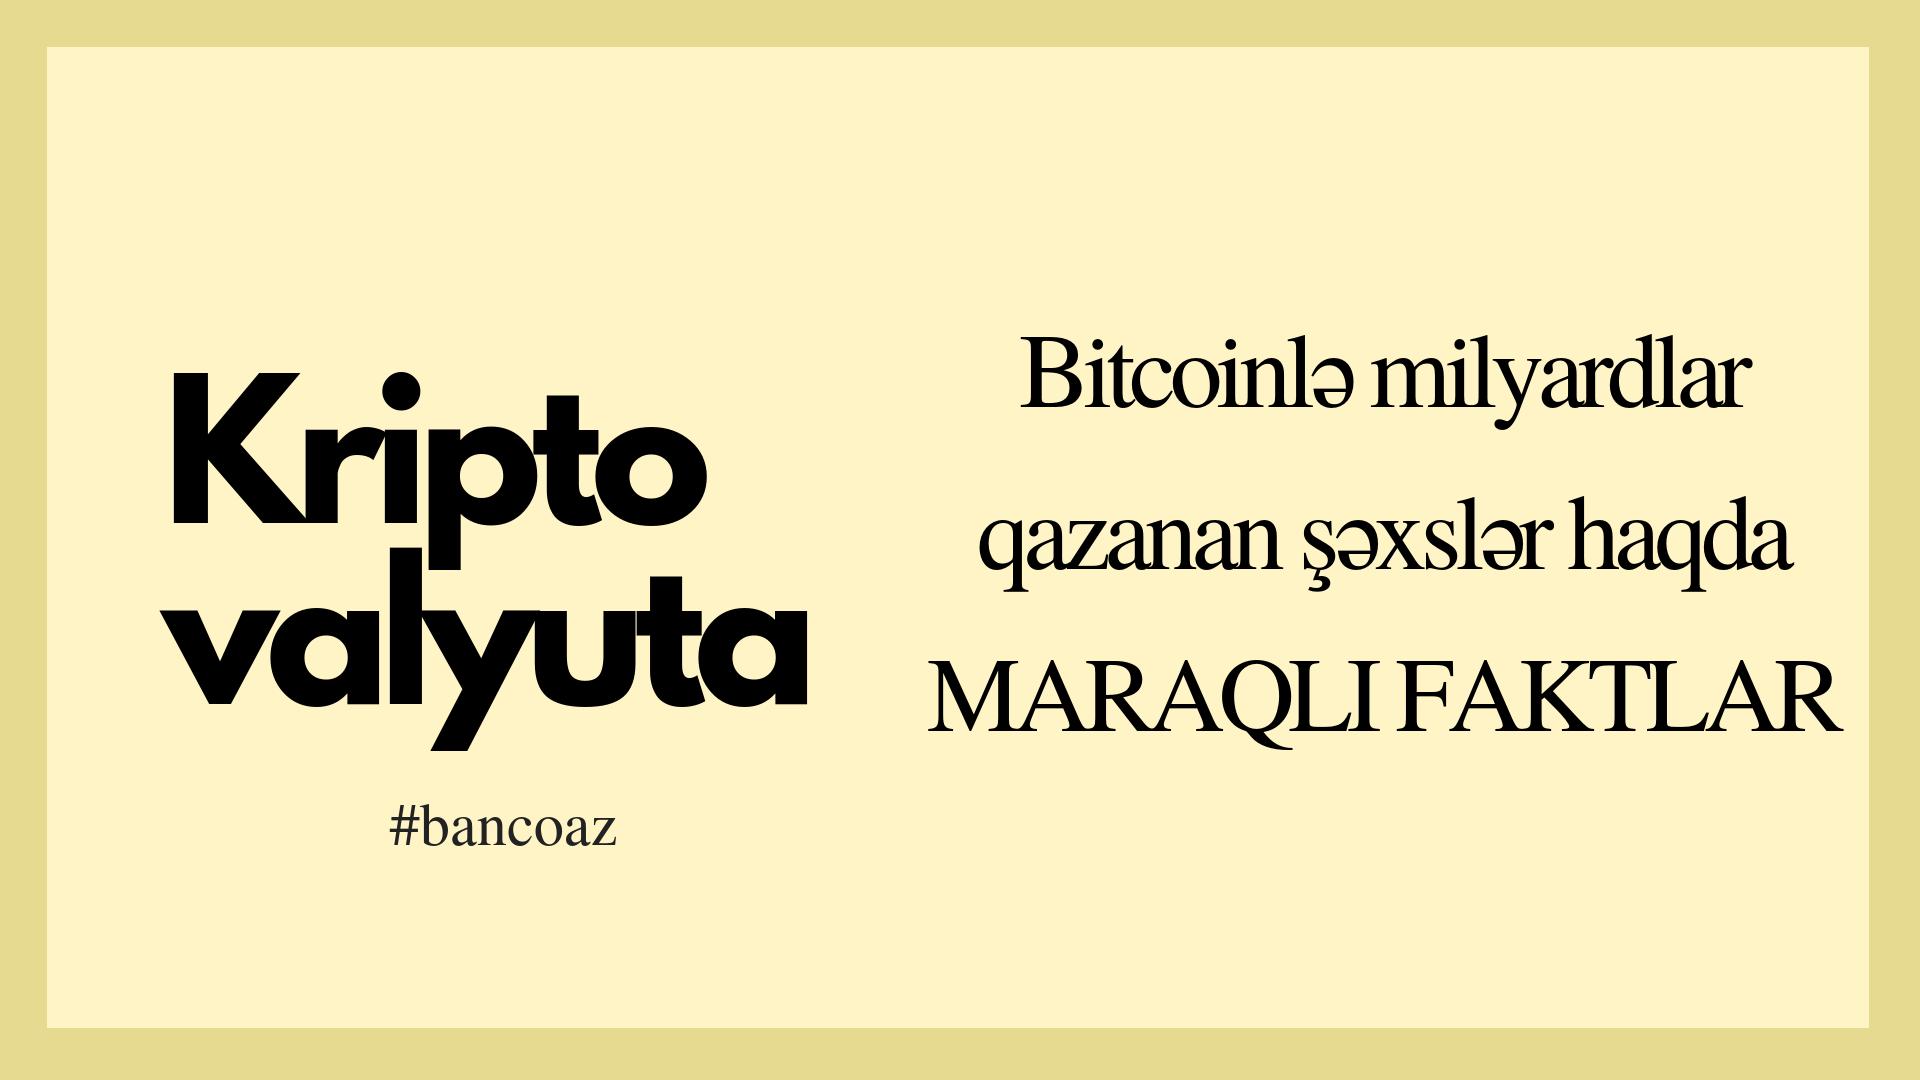 Bitcoinlə milyardlar qazanan şəxslər haqda MARAQLI FAKTLAR